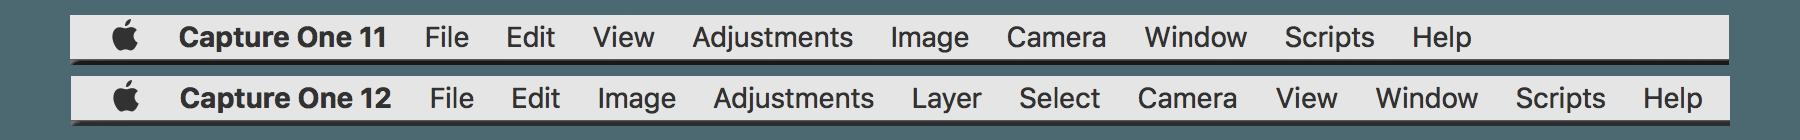 capture one pro 12 review, menu comparison 11 and 12